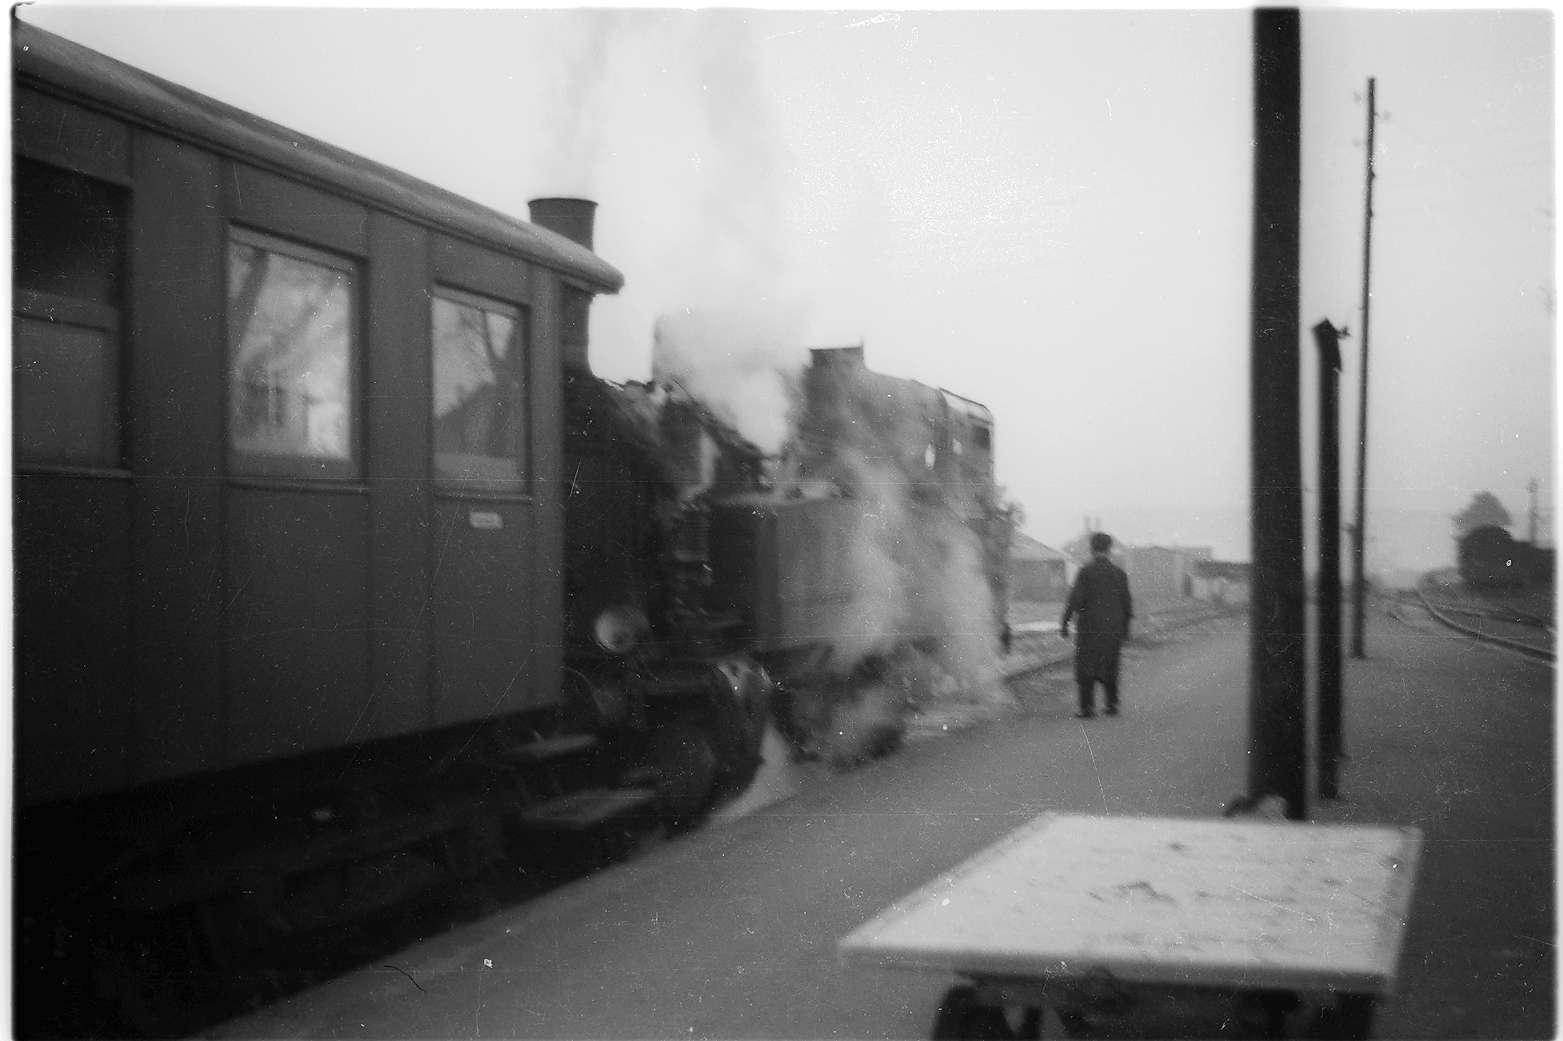 Zug 300, Lok 21, Landesbahnhof Hechingen, die Personenwagen vom Berufs- und Schülerverkehr werden abgestellt, Bild 1